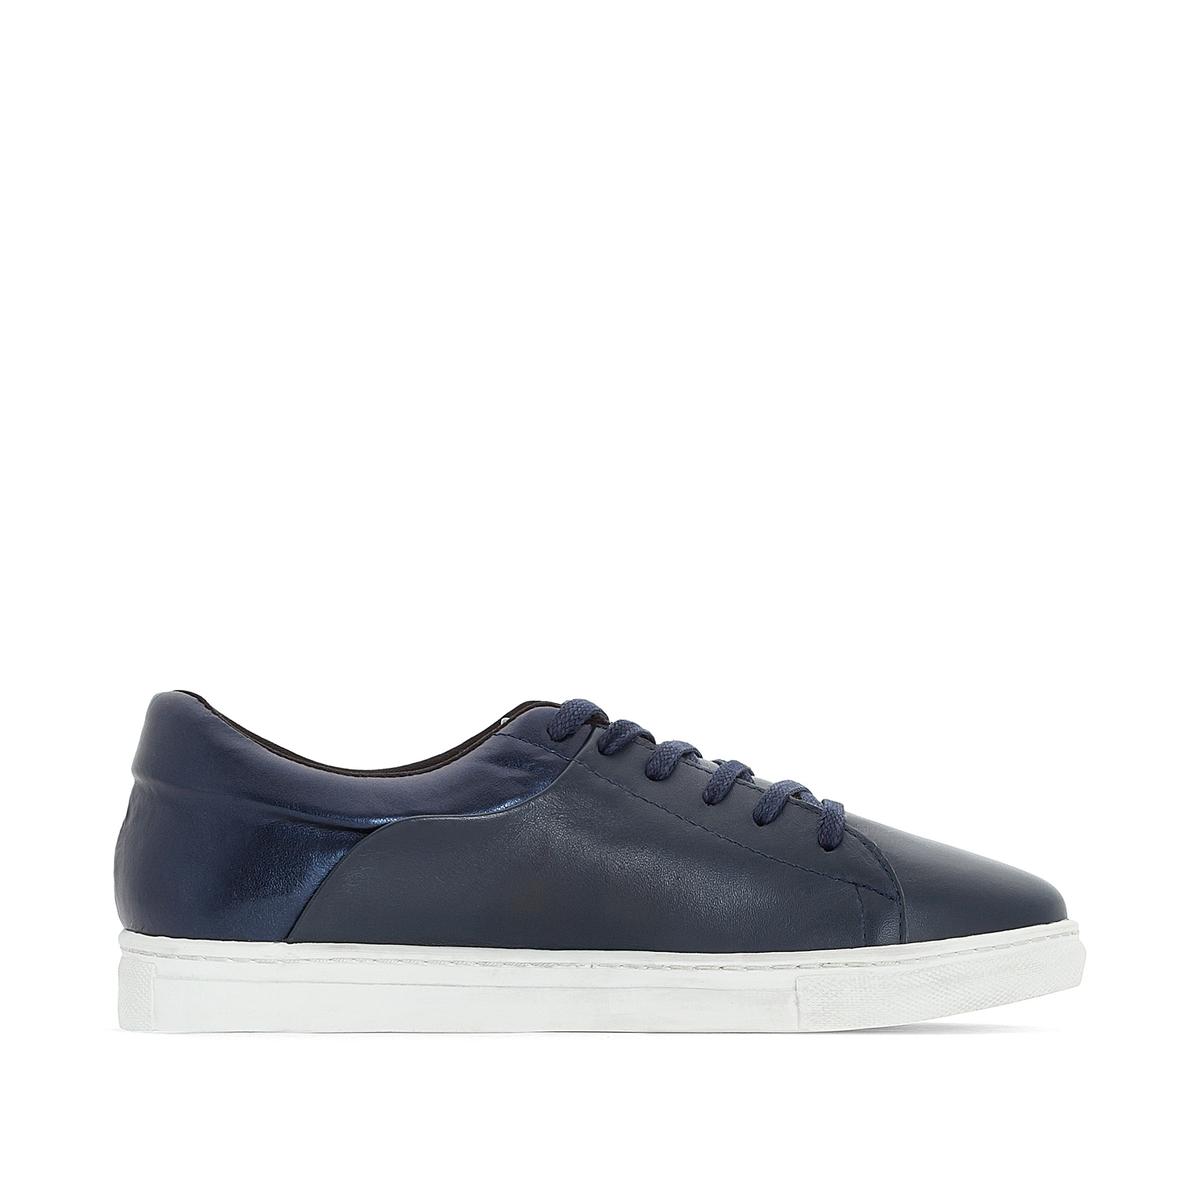 Кеды кожаные из двух материаловДетали •  Спортивный стиль •  Плоский каблук •  Высота каблука : 0 см •  Застежка : шнуровка •  Гладкая отделкаСостав и уход •  Верх/Голенище<br><br>Цвет: синий